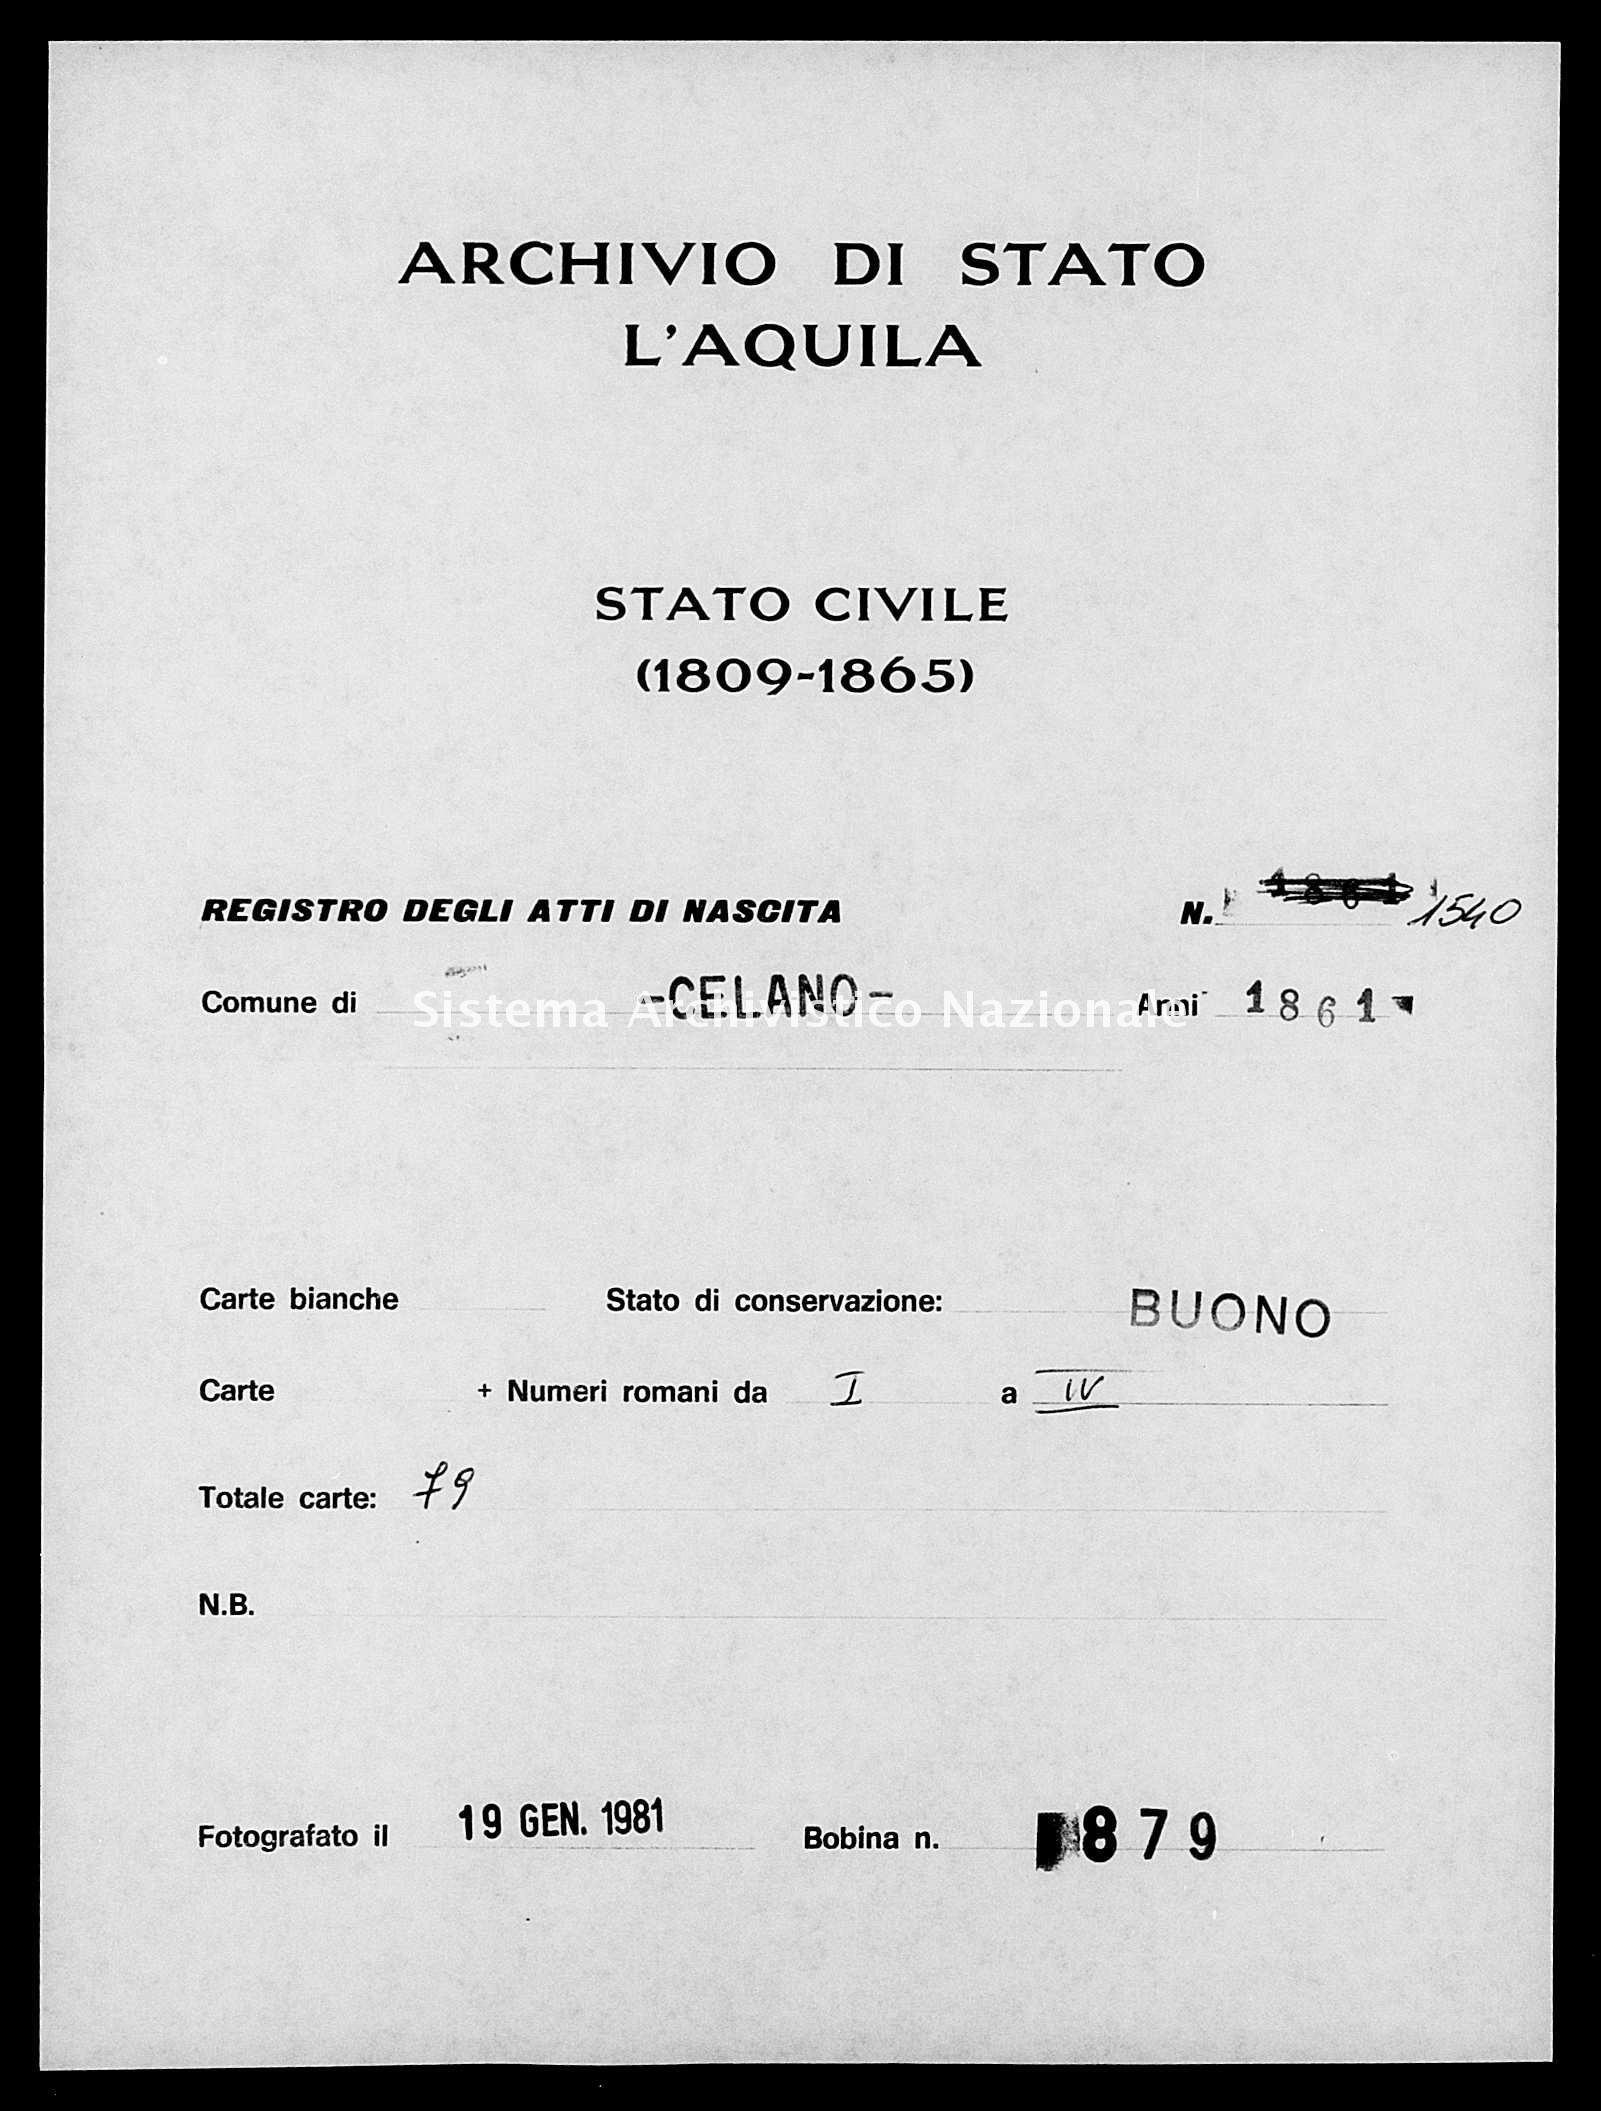 Archivio di stato di L'aquila - Stato civile italiano - Celano - Nati - 1861 - 1540 -